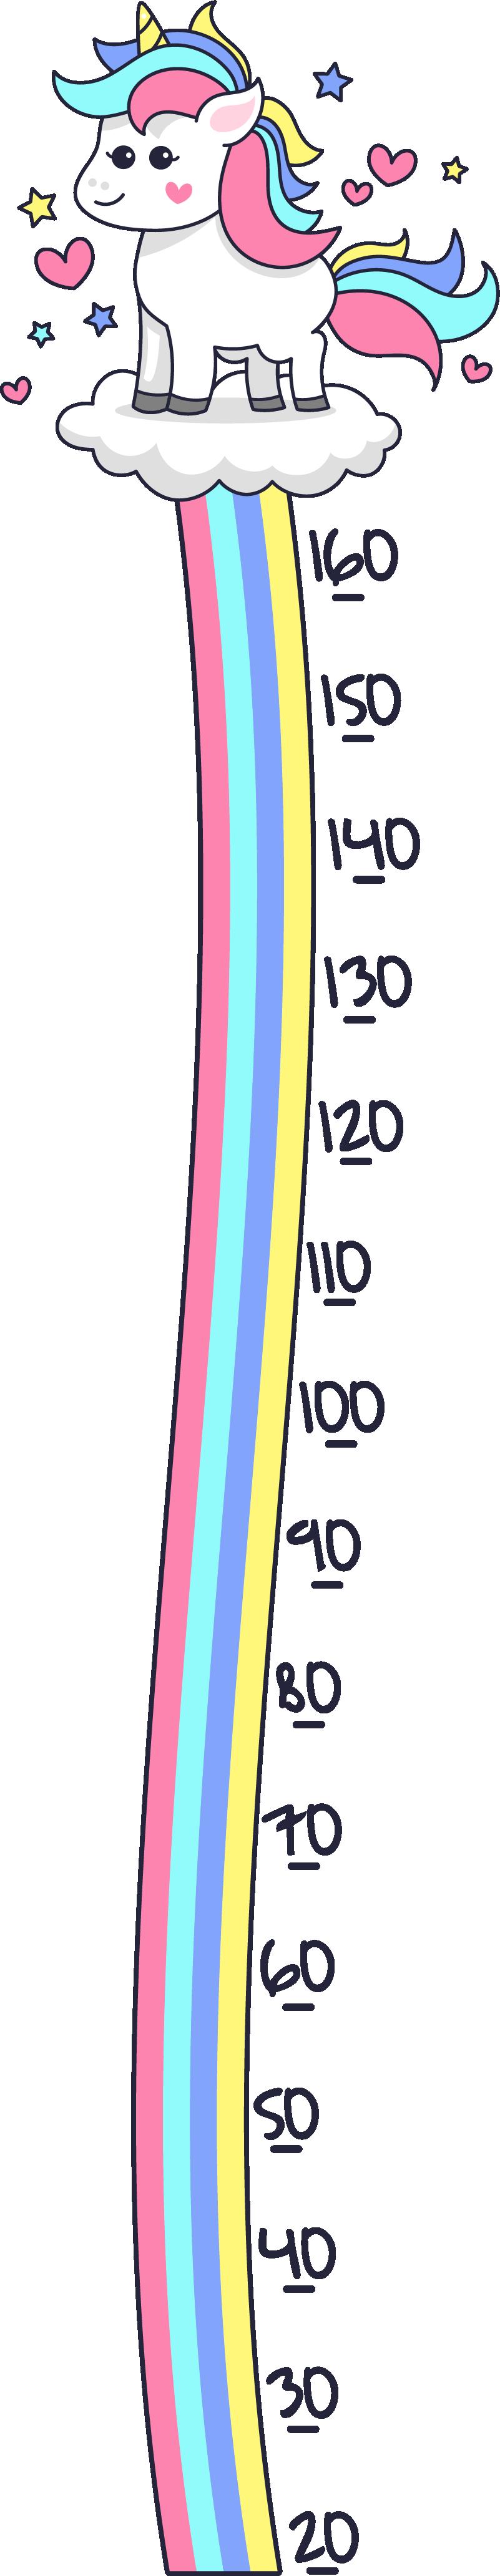 TENSTICKERS. ユニコーンとレインボーメーターの高さチャートの壁用ステッカー. 子供部屋の装飾のためのユニコーンとレインボーメーターの高さグラフステッカー。高品質で粘着性のあるビニール素材でできています。簡単に適用できます。